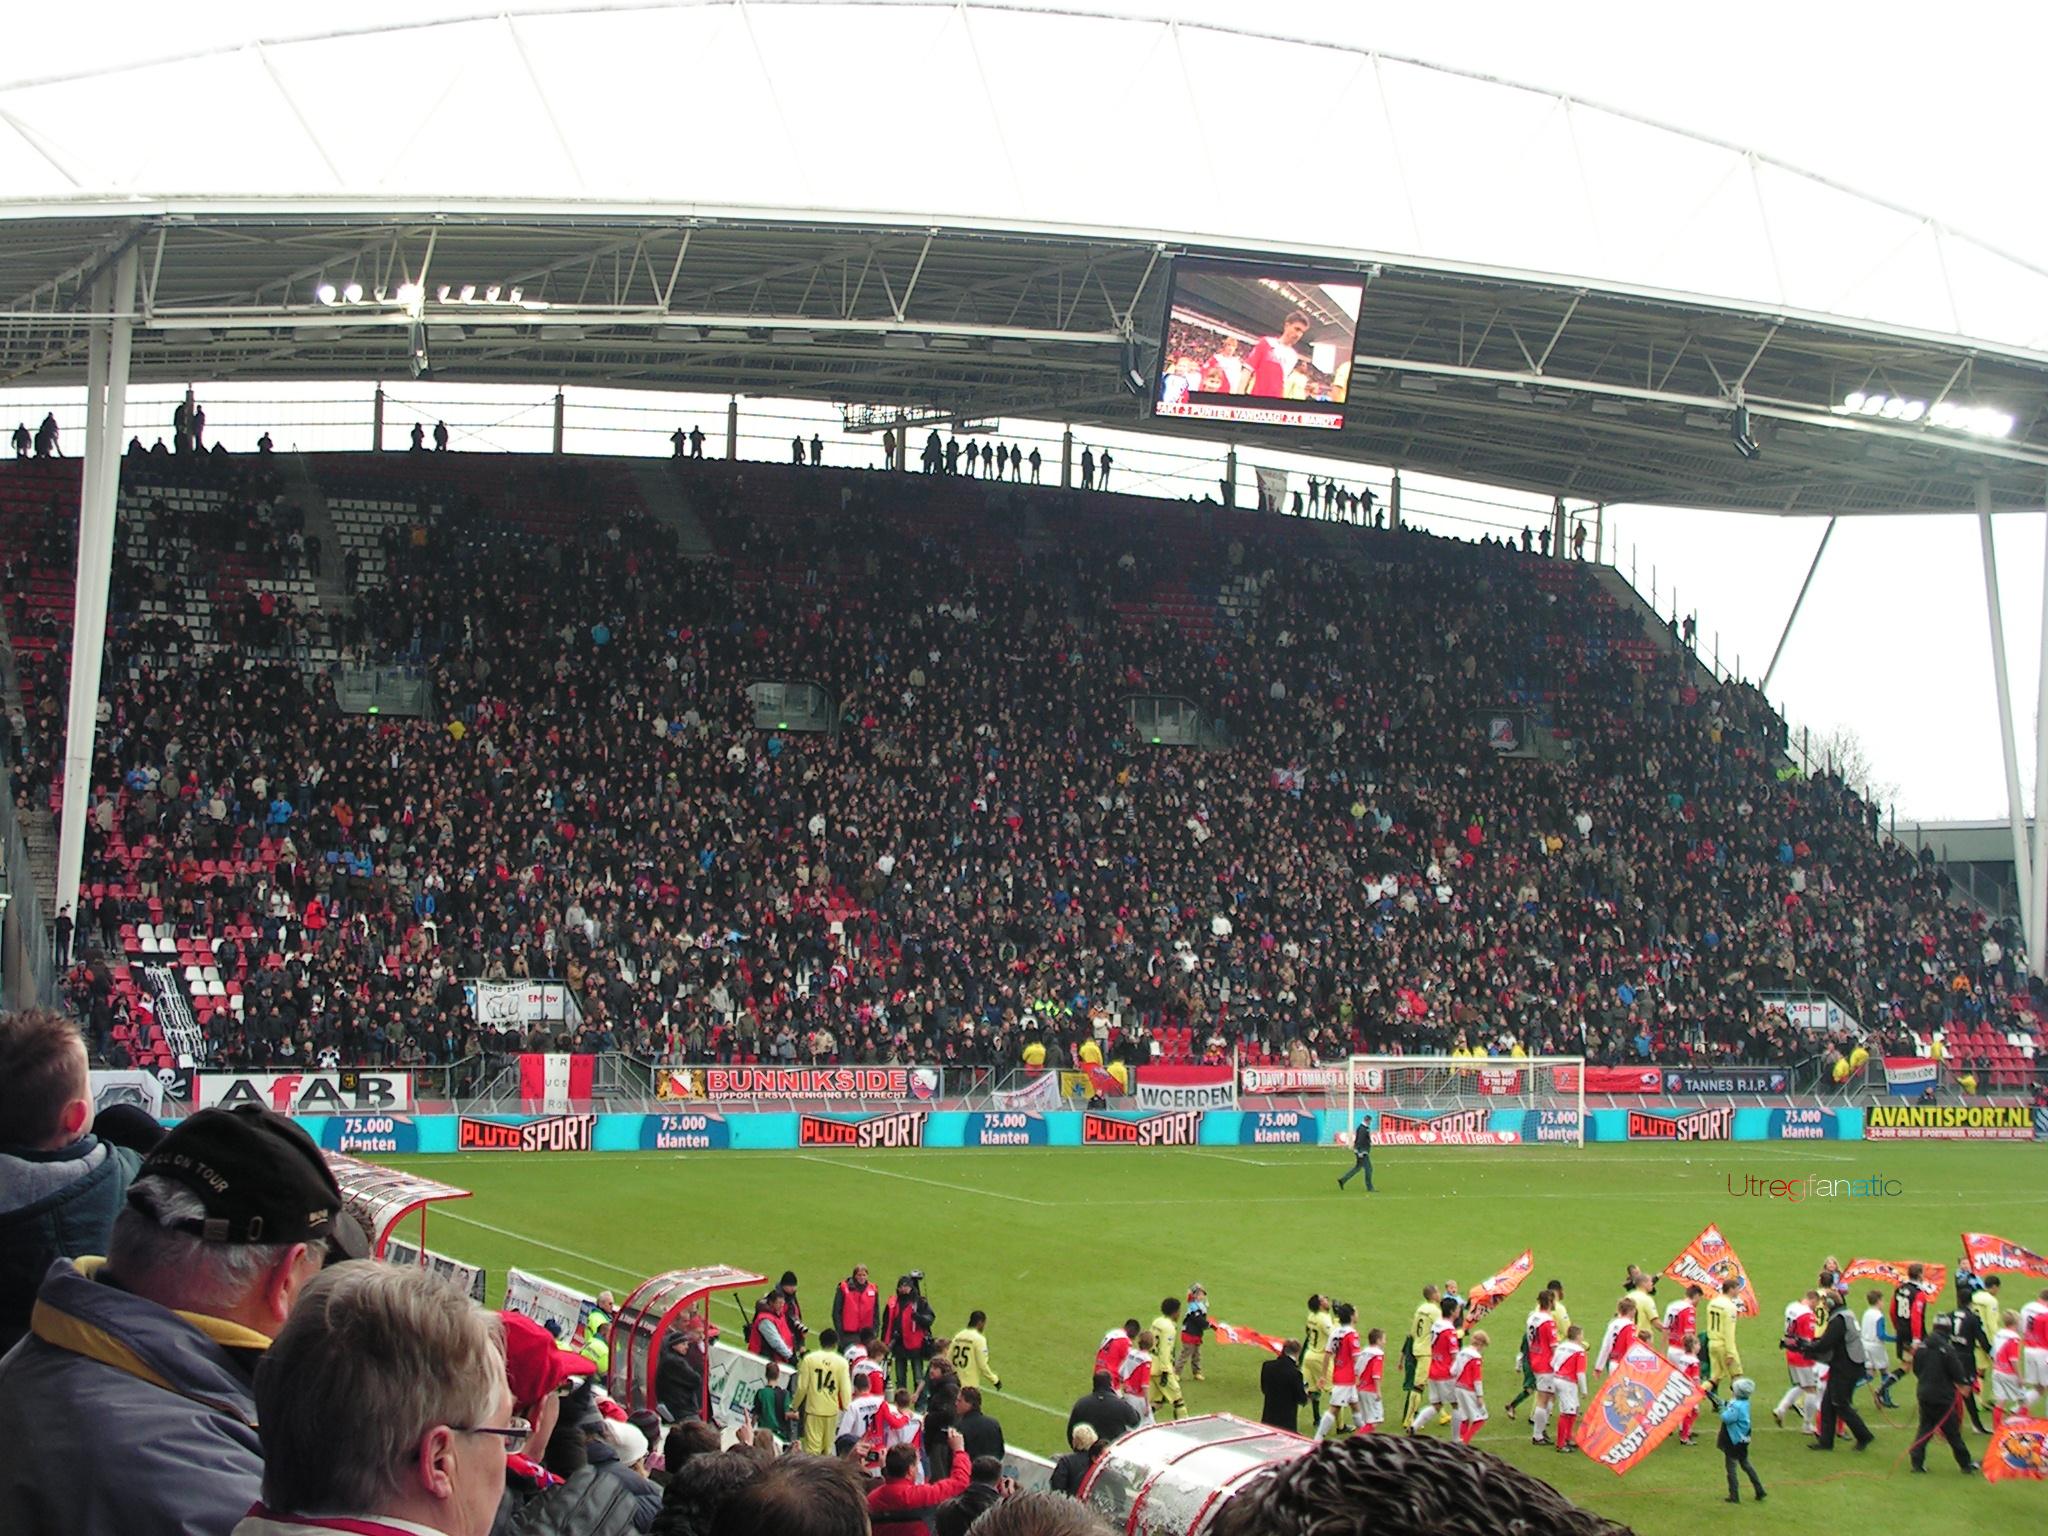 De Bunnikside voor FC Utrecht - Feyenoord | Flickr - Photo ...